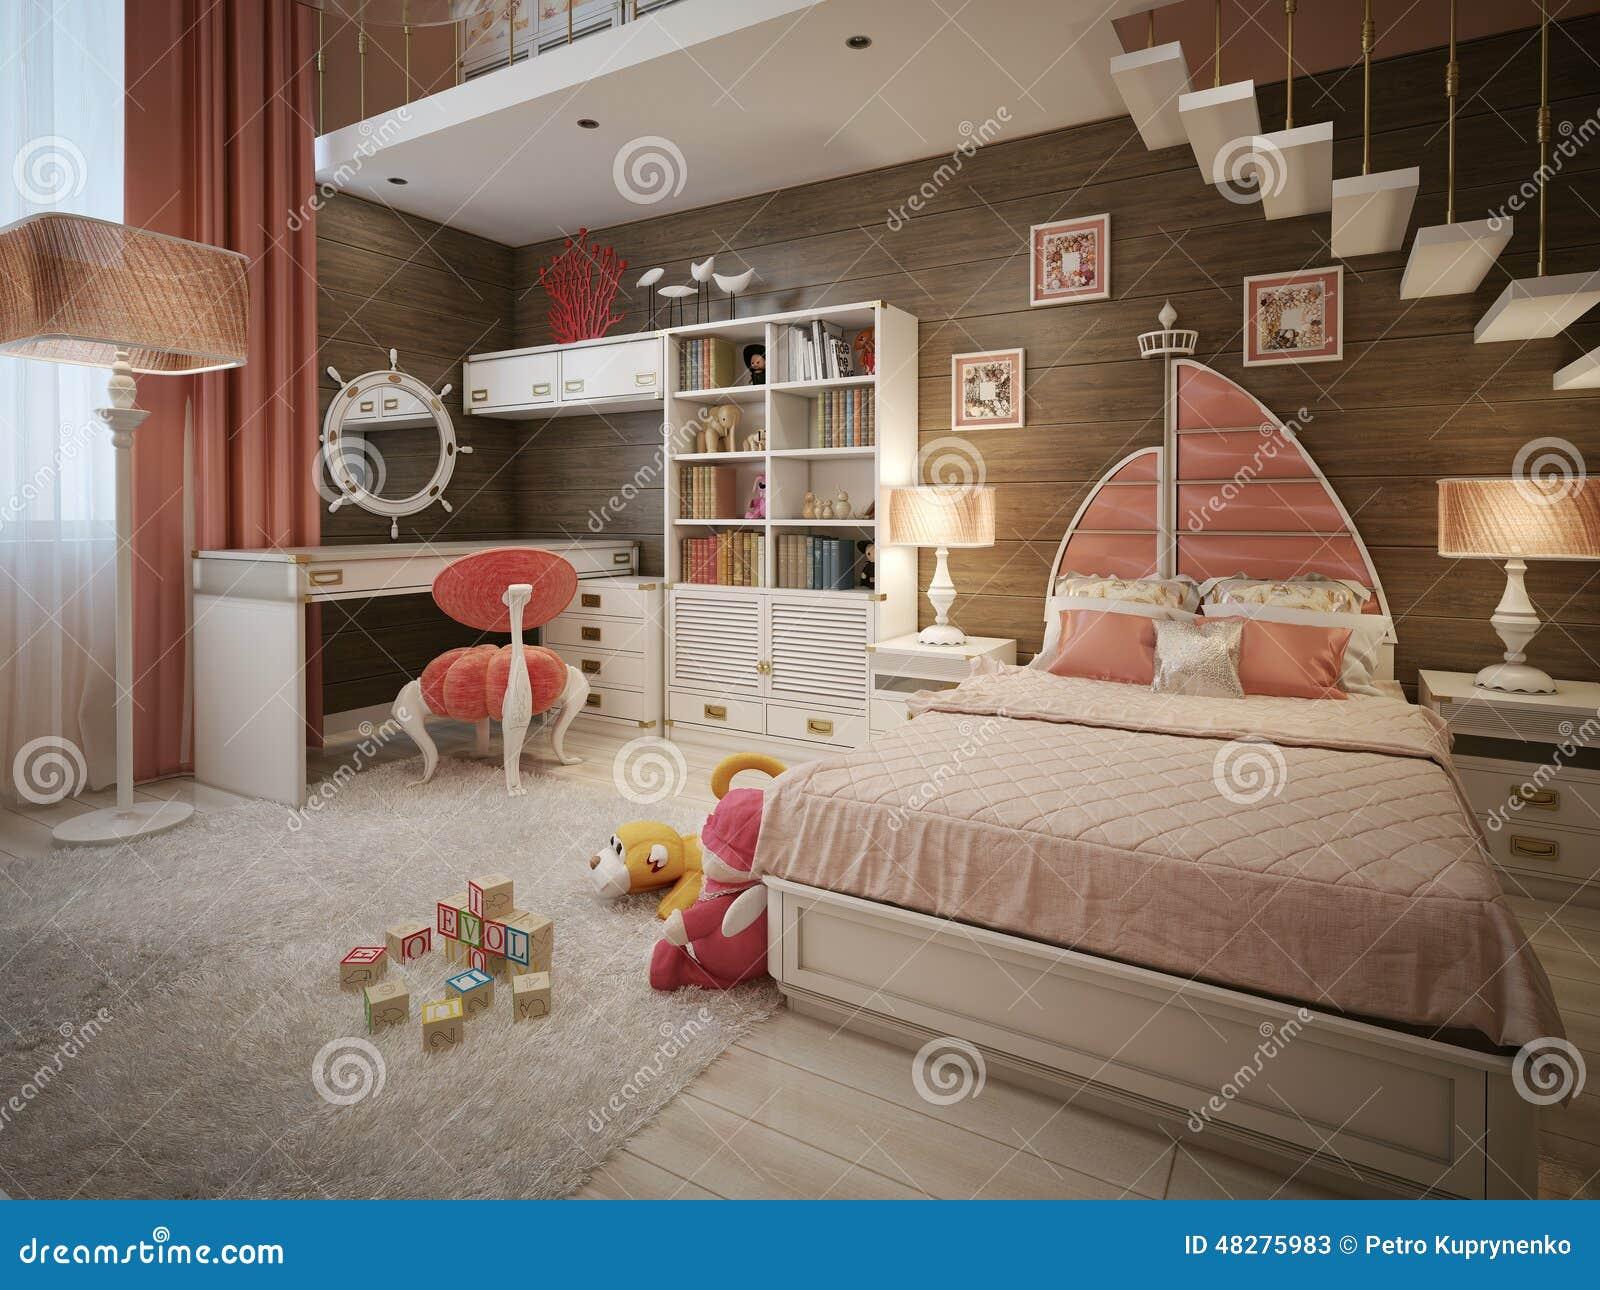 Simple download camera da letto delle ragazze nello stile neoclassico di stock di beige with - Camere da letto per teenager ...